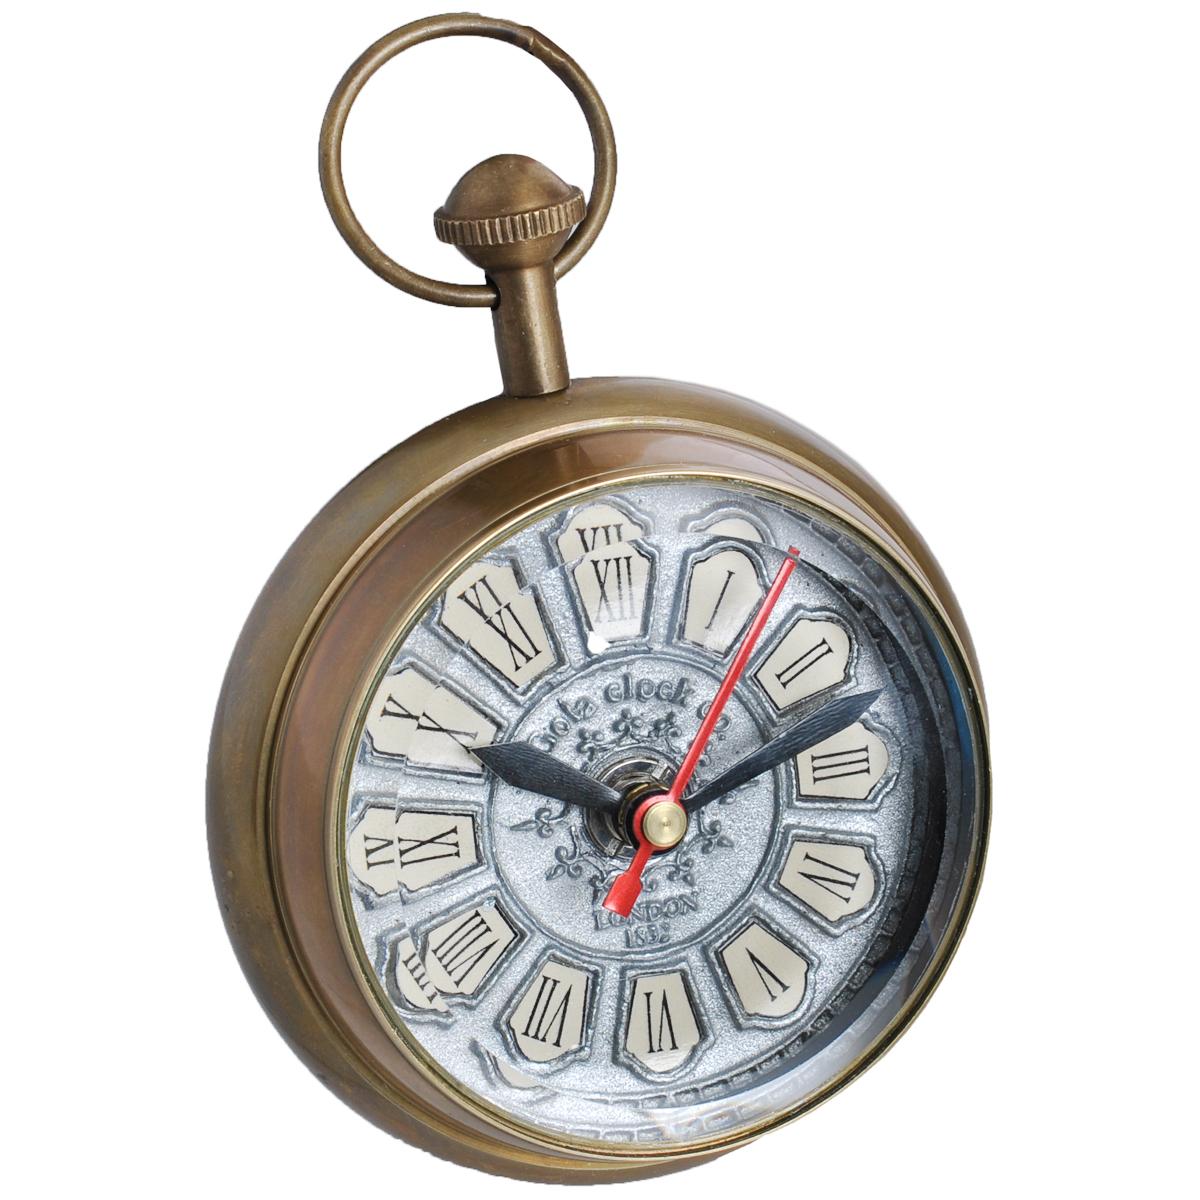 Часы сувенирные Win Max, цвет: бронзовый. 3582035820Часы Win Max с кварцевым механизмом работают бесшумно и требуют лишь примерно раз в год замены батарейки. Часы оснащены часовой, минутной и секундной стрелками. Алюминиевый рельефный циферблат выполнен в старинном стиле и оформлен римскими цифрами. Изготовленные из латуни и стекла, они, несомненно, будут привлекать к себе внимание. Такие часы легко впишутся в любой интерьер и станут великолепным подарком! Характеристики: Материал: металл (латунь), стекло. Общий размер часов (ДхШхВ): 9 см х 6,5 см х 12 см. Диаметр циферблата: 7 см.